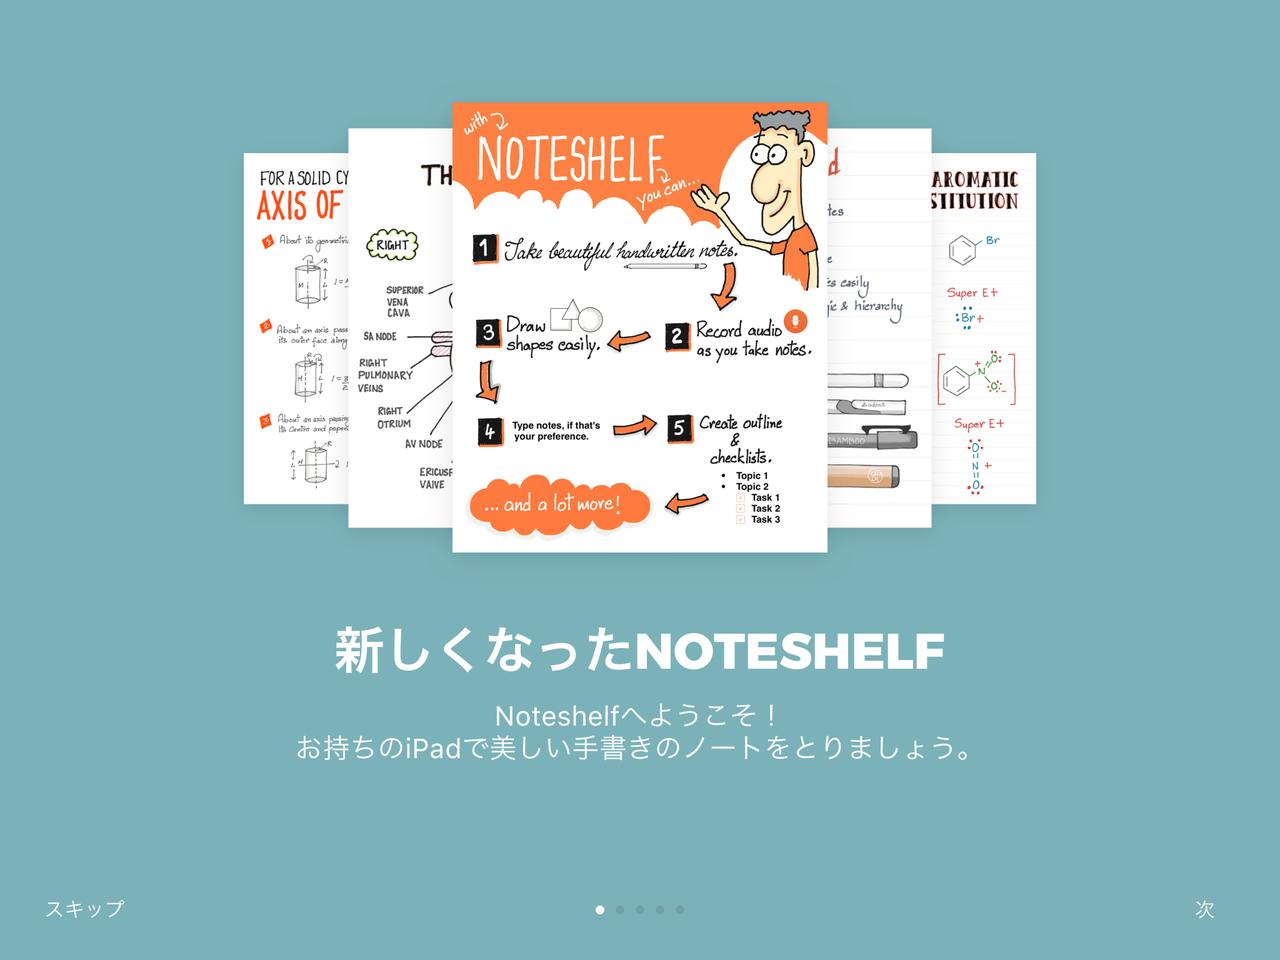 Noteshelf 2。日本語にローカライズされています